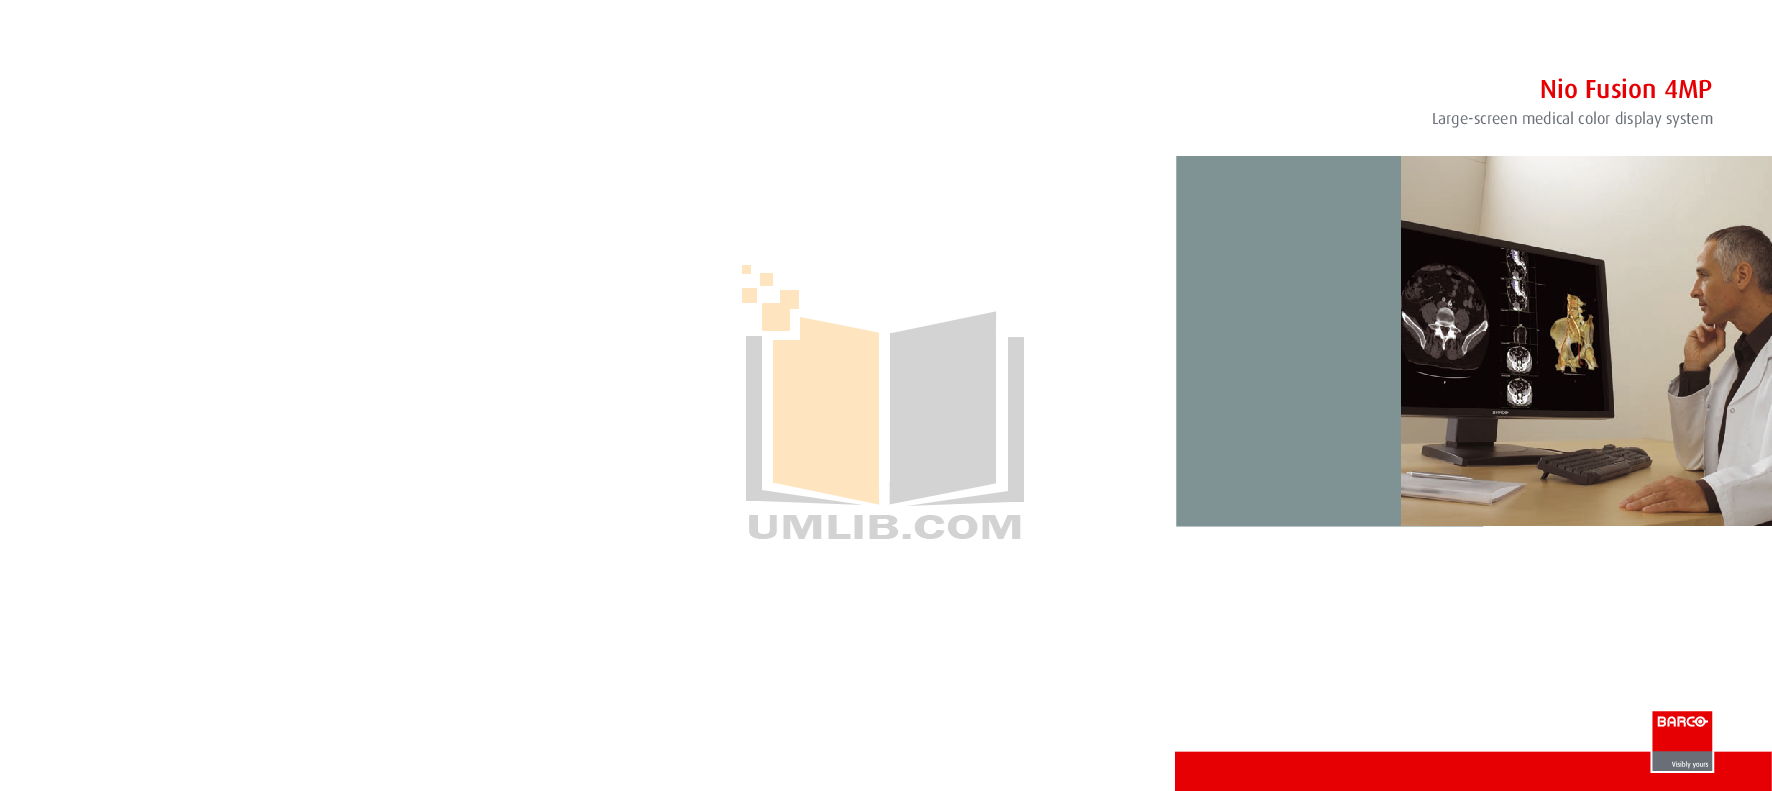 pdf for Barco Monitor Nio Fusion 4MP manual